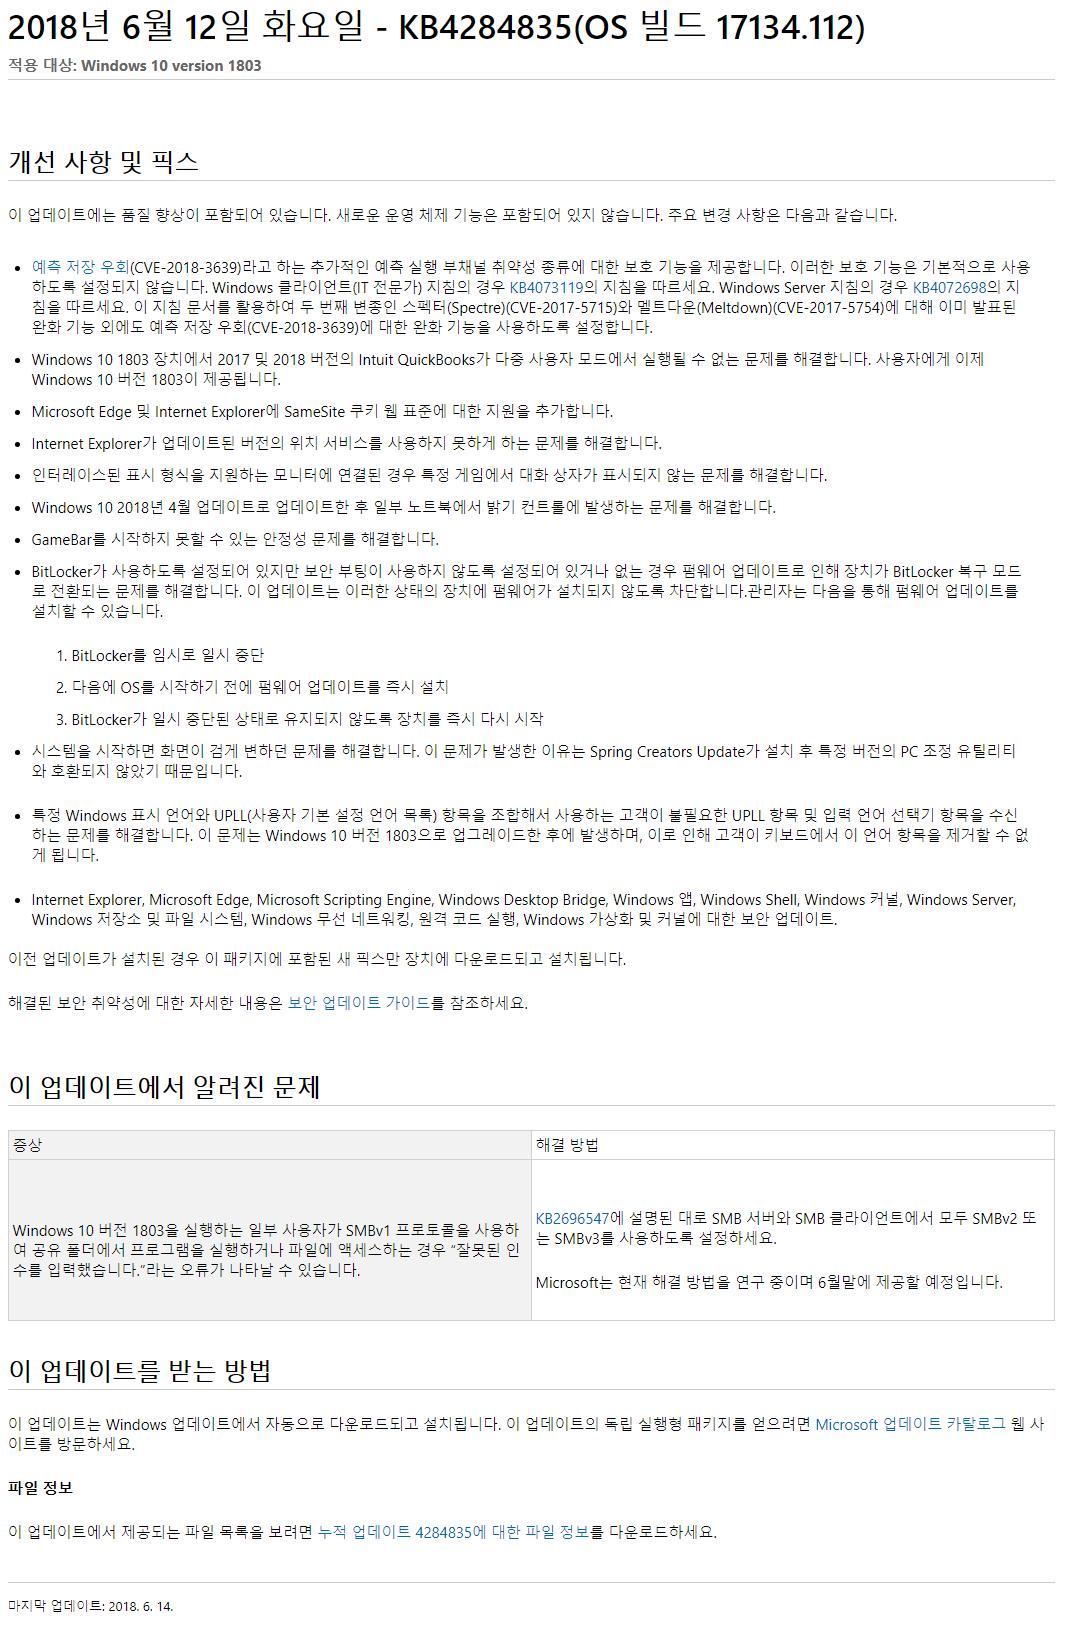 2018년 6월 13일 수요일 정기 업데이트 나왔네요 - Windows 10 버전1803 누적 업데이트 KB4284835 (OS 빌드 17134.112) - 한글 페이지 2018-06-15_131331.png